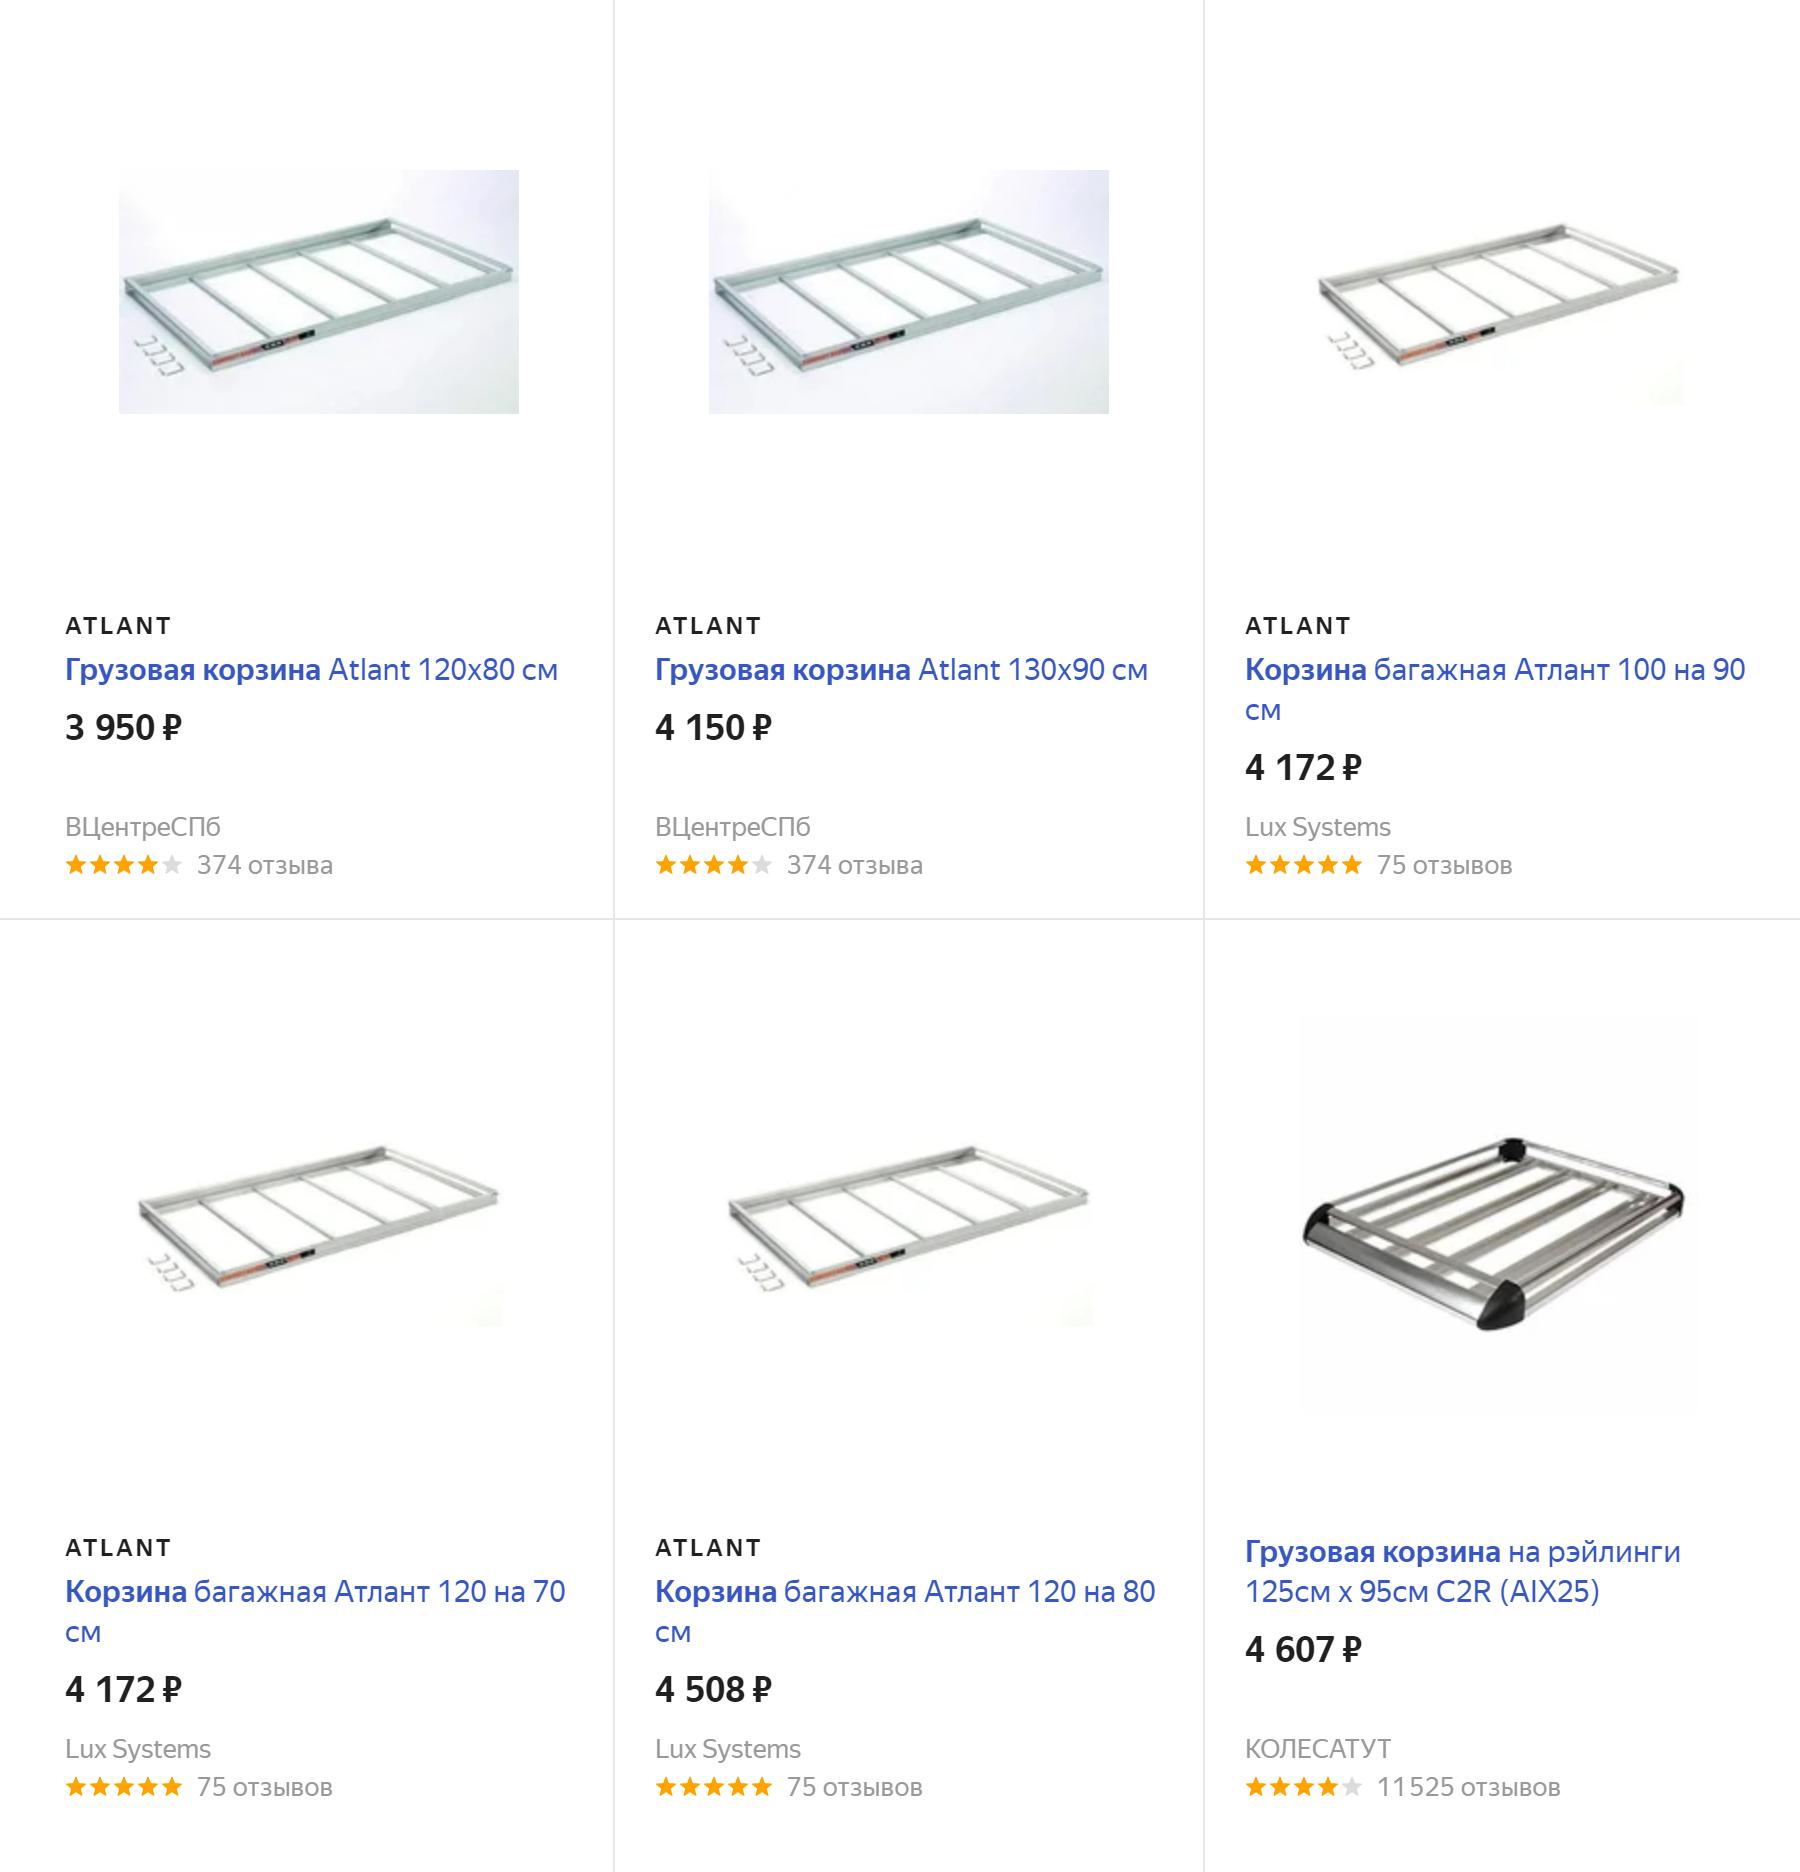 На «Яндекс-маркете» есть багажные корзины по цене от 3950<span class=ruble>Р</span>